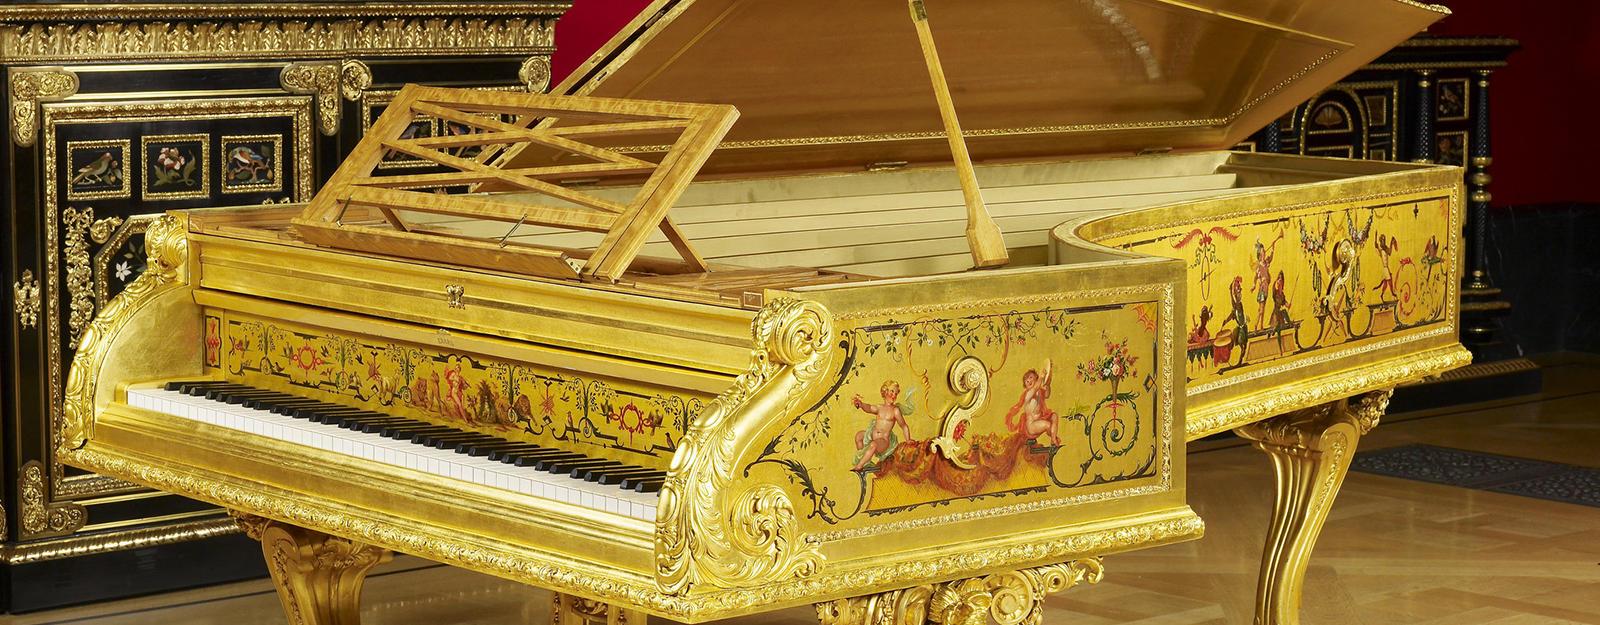 The Erard Piano